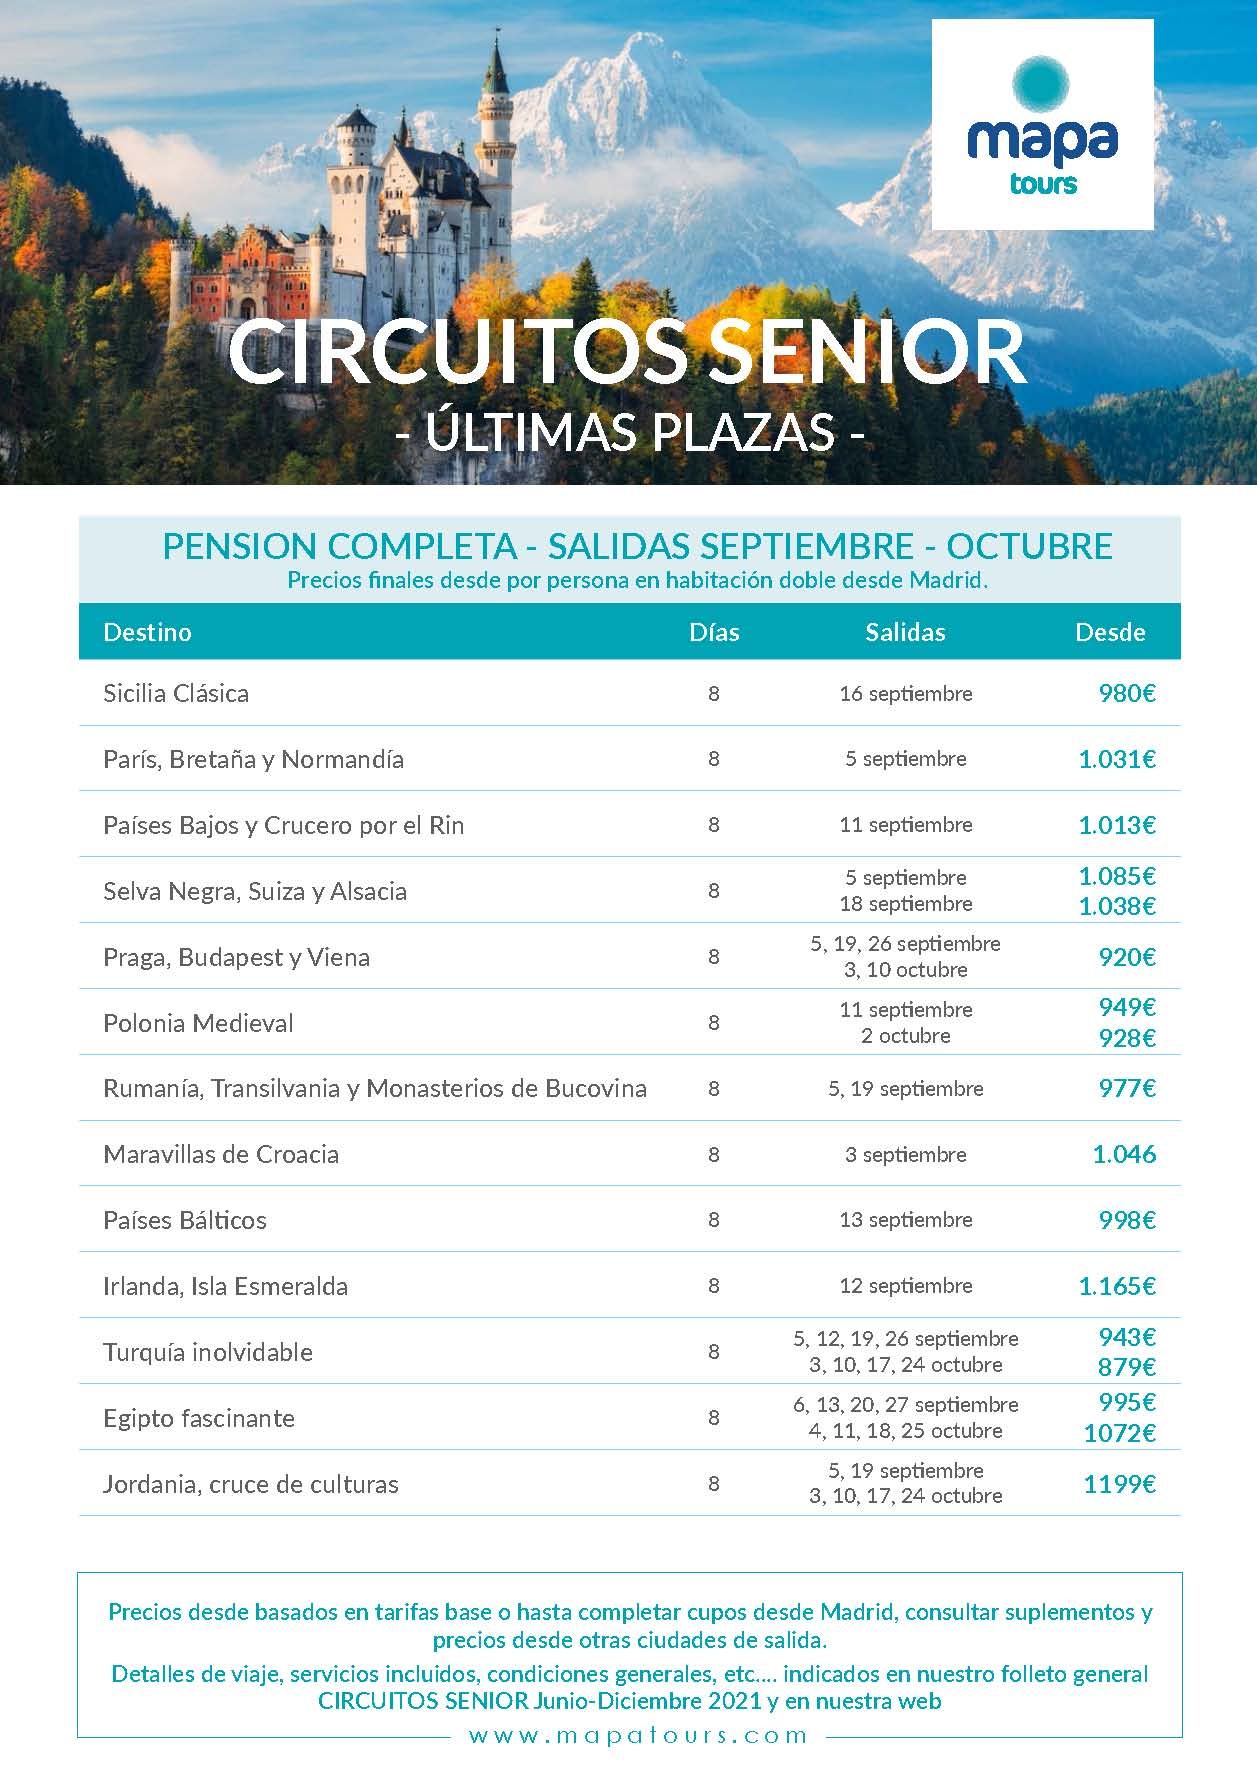 Ofertas Mapa Tours Senior Ultimas Plazas Septiembre y Octubre 2021